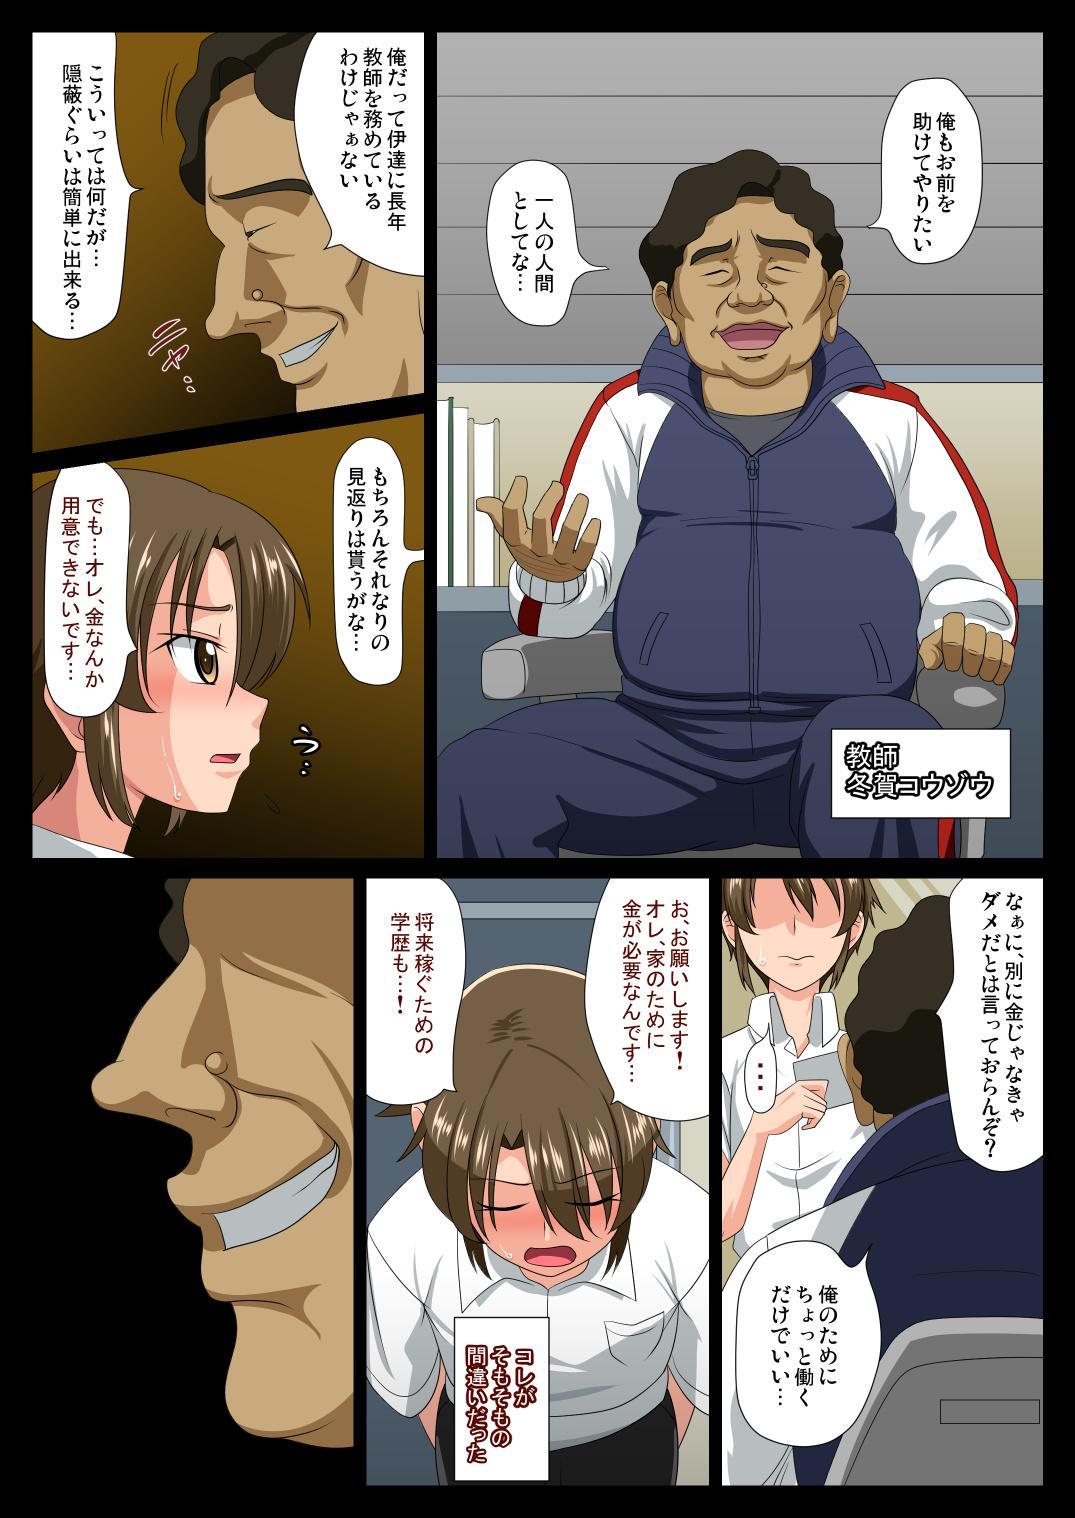 Kyousei Jyosou Enkou 6